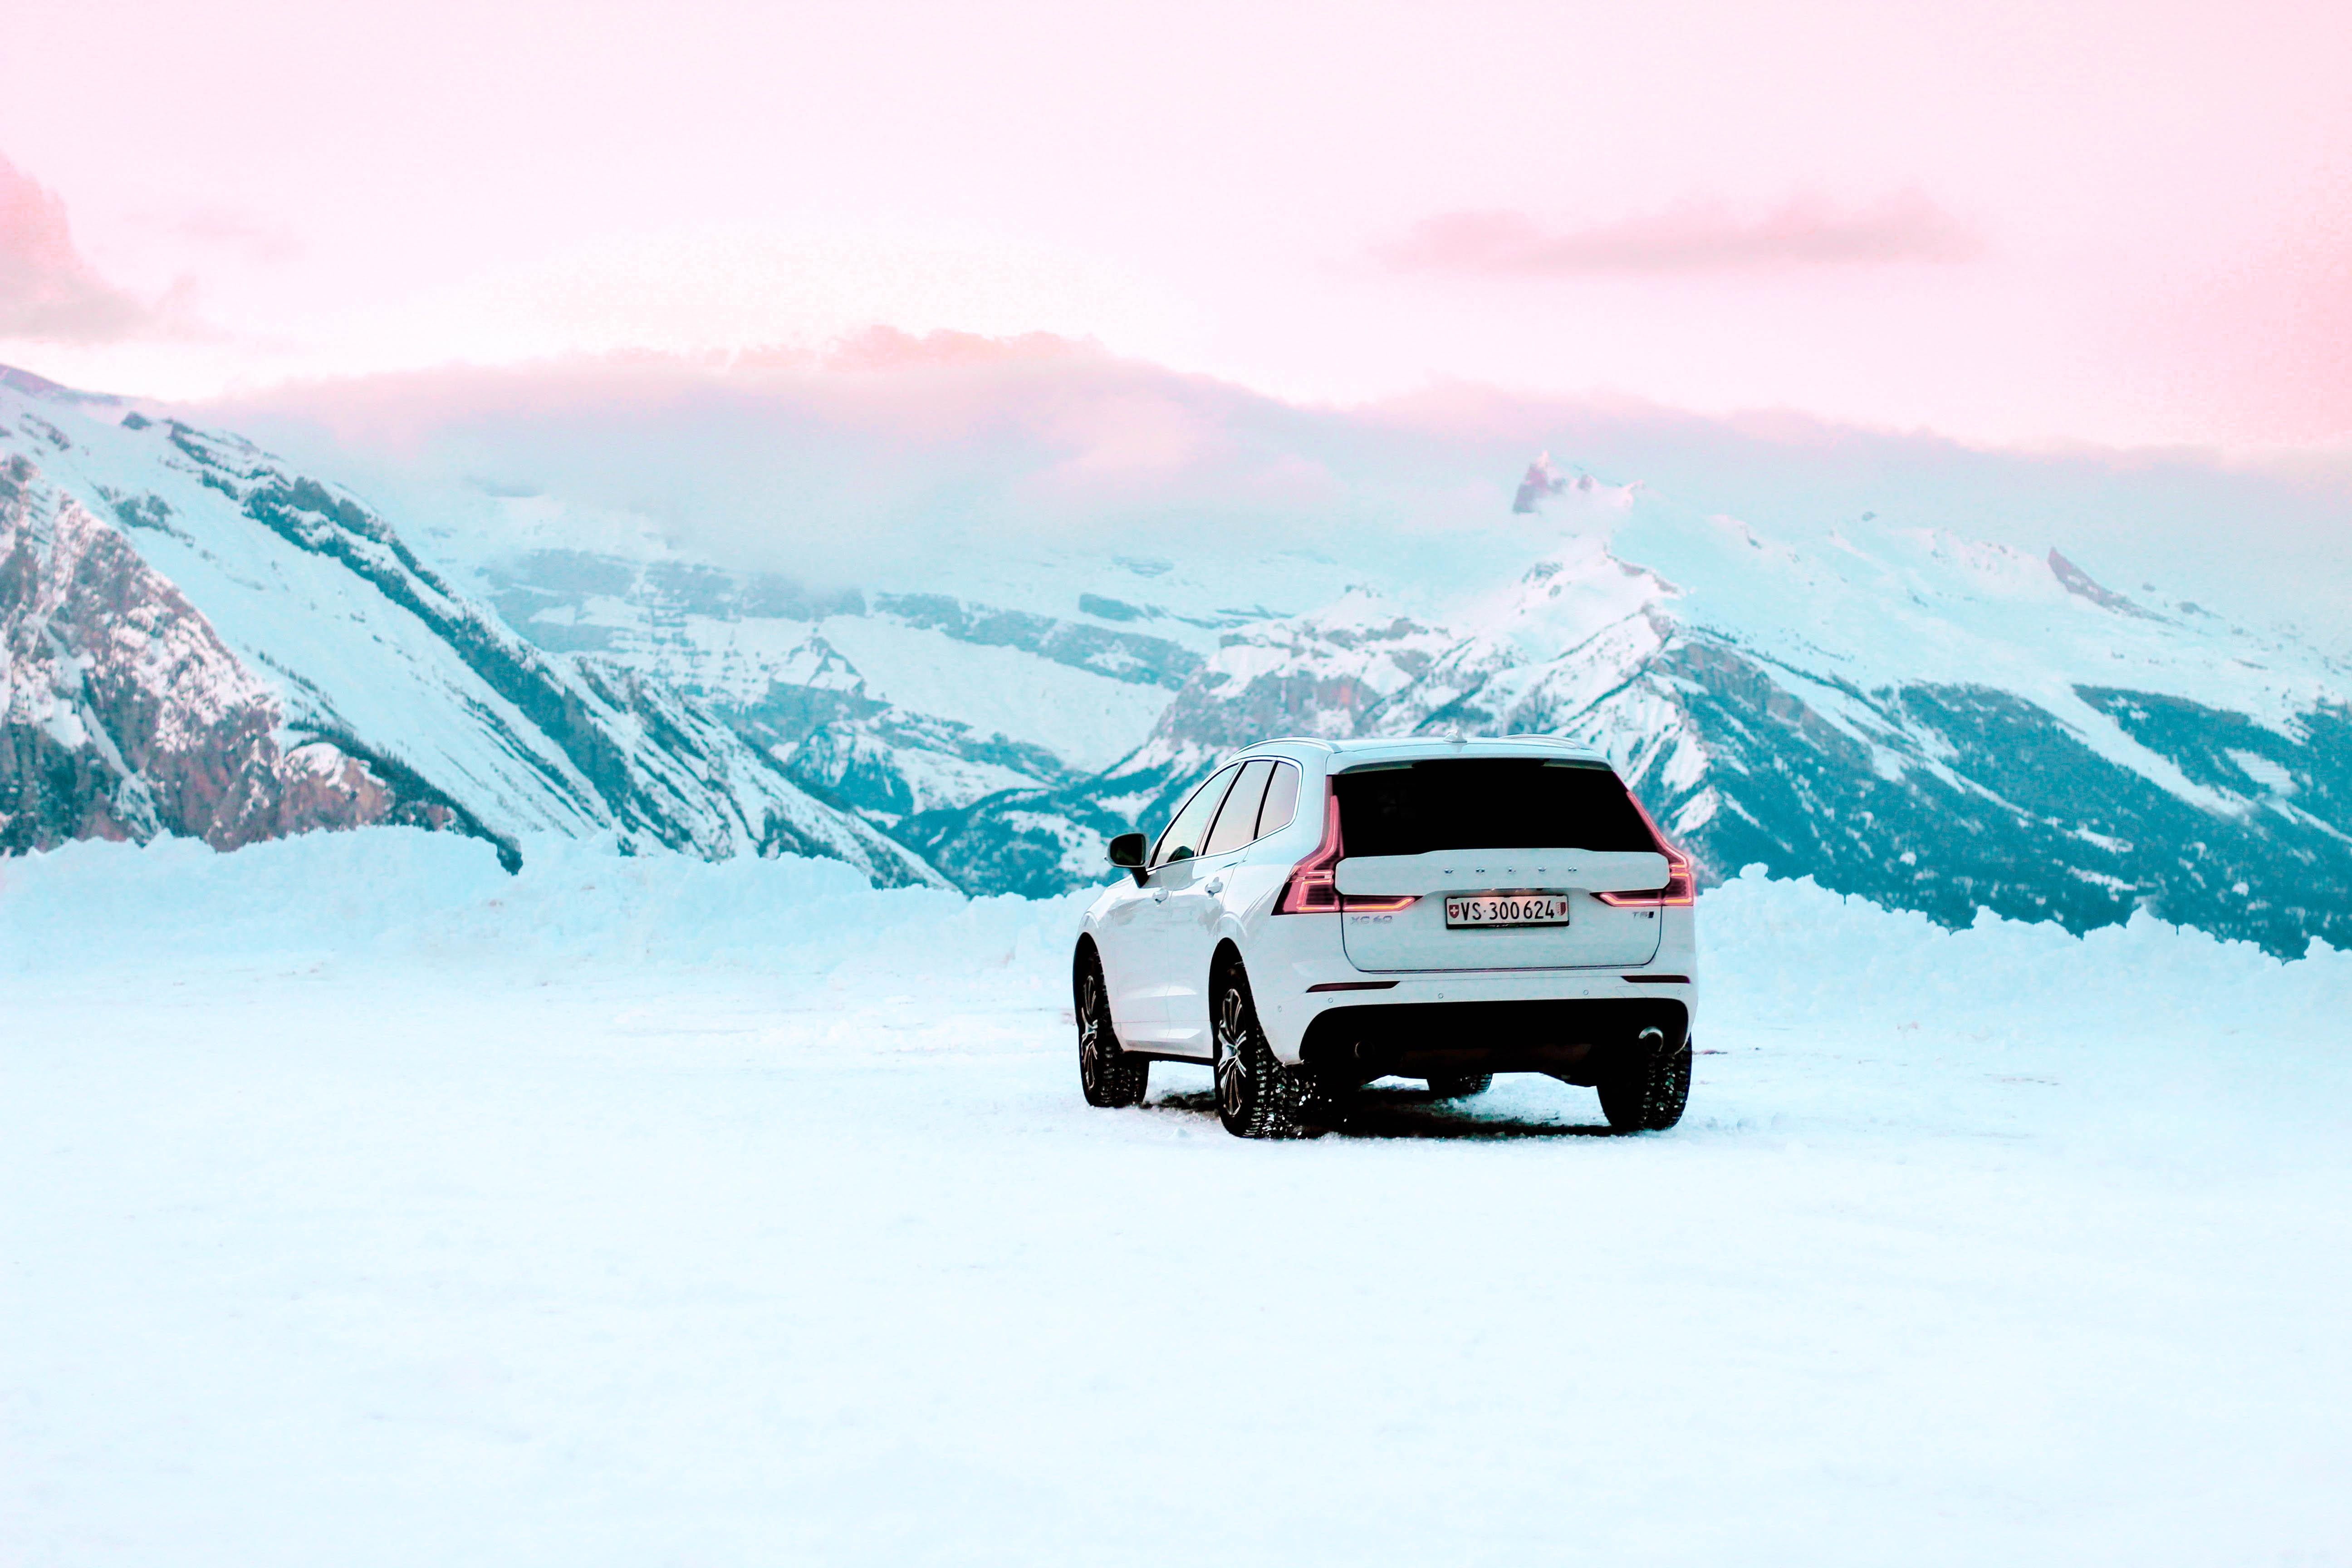 134950 скачать обои Внедорожник, Вольво (Volvo), Горы, Снег, Тачки (Cars), Автомобиль, Белый, Volvo Xc60 - заставки и картинки бесплатно